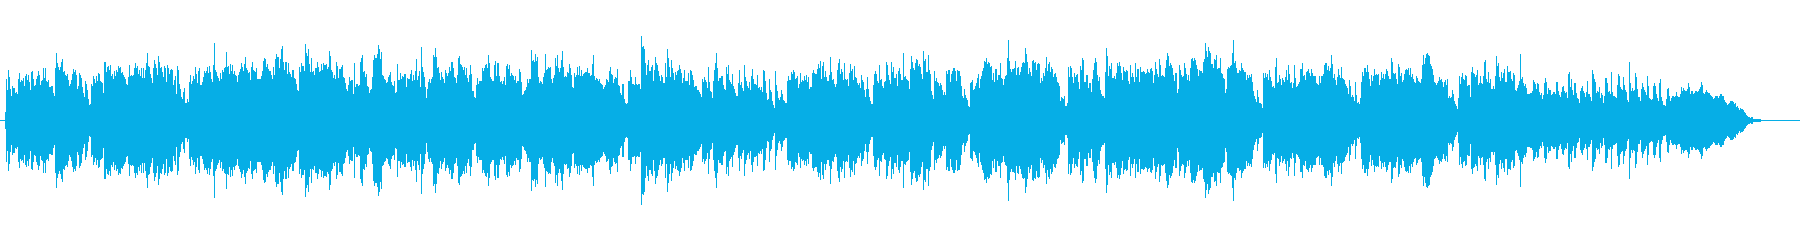 ヴィヴァルディ「冬」 第2楽章 『四季』の再生済みの波形